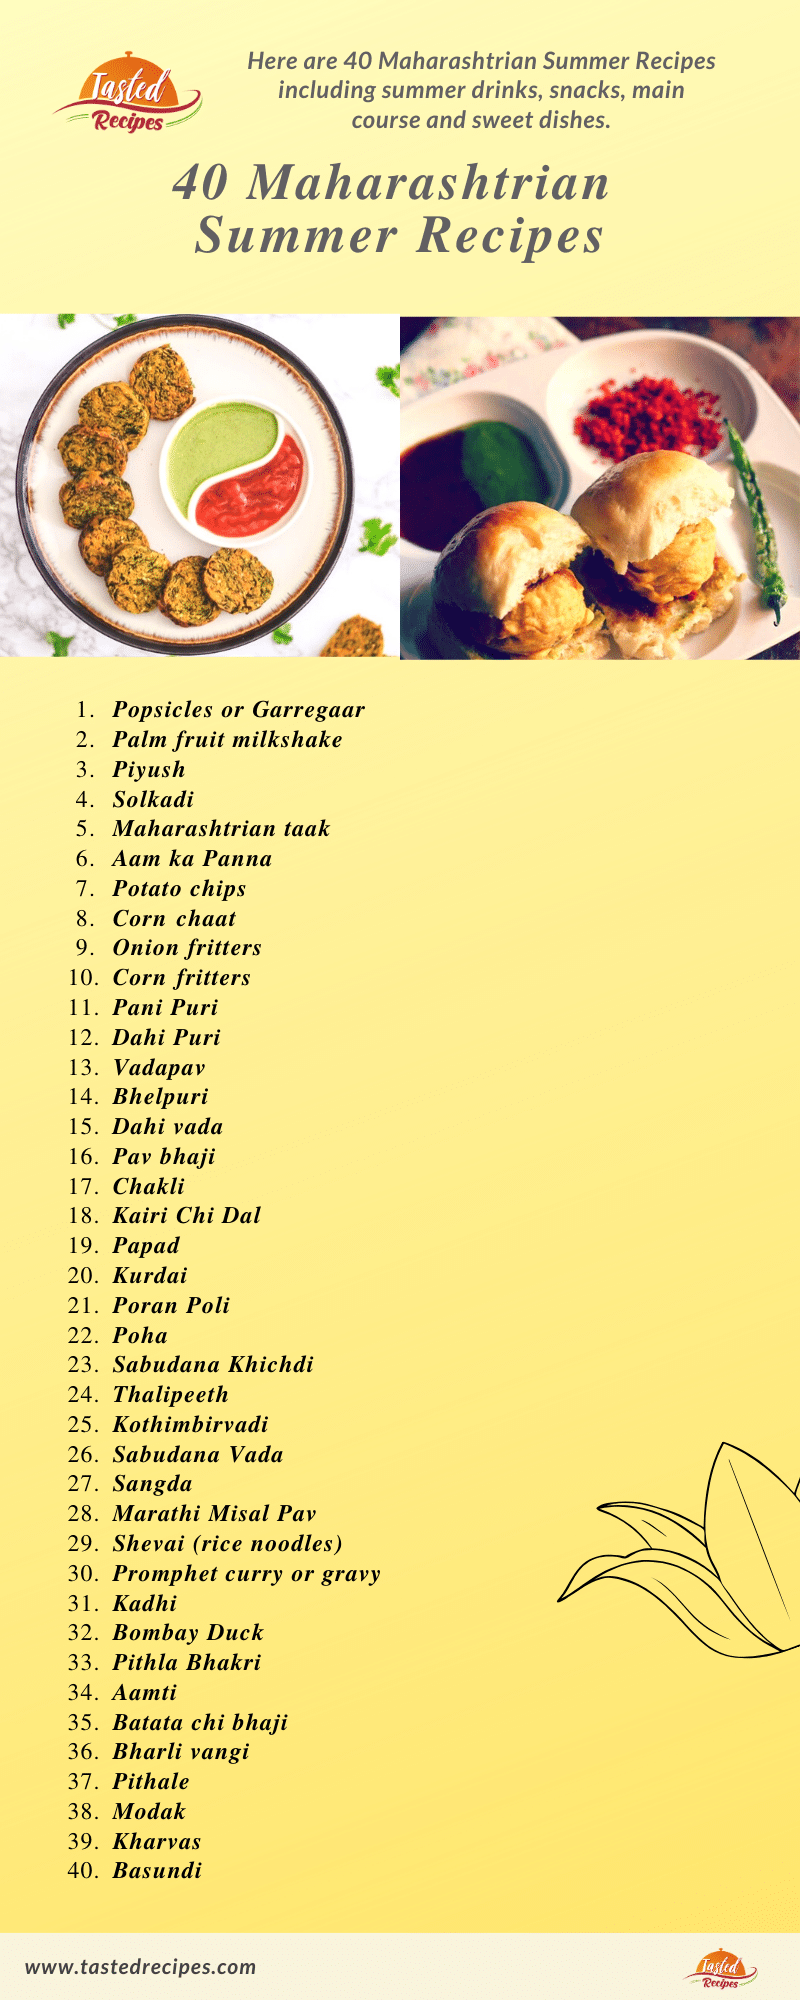 40 Maharashtrian Summer Recipes